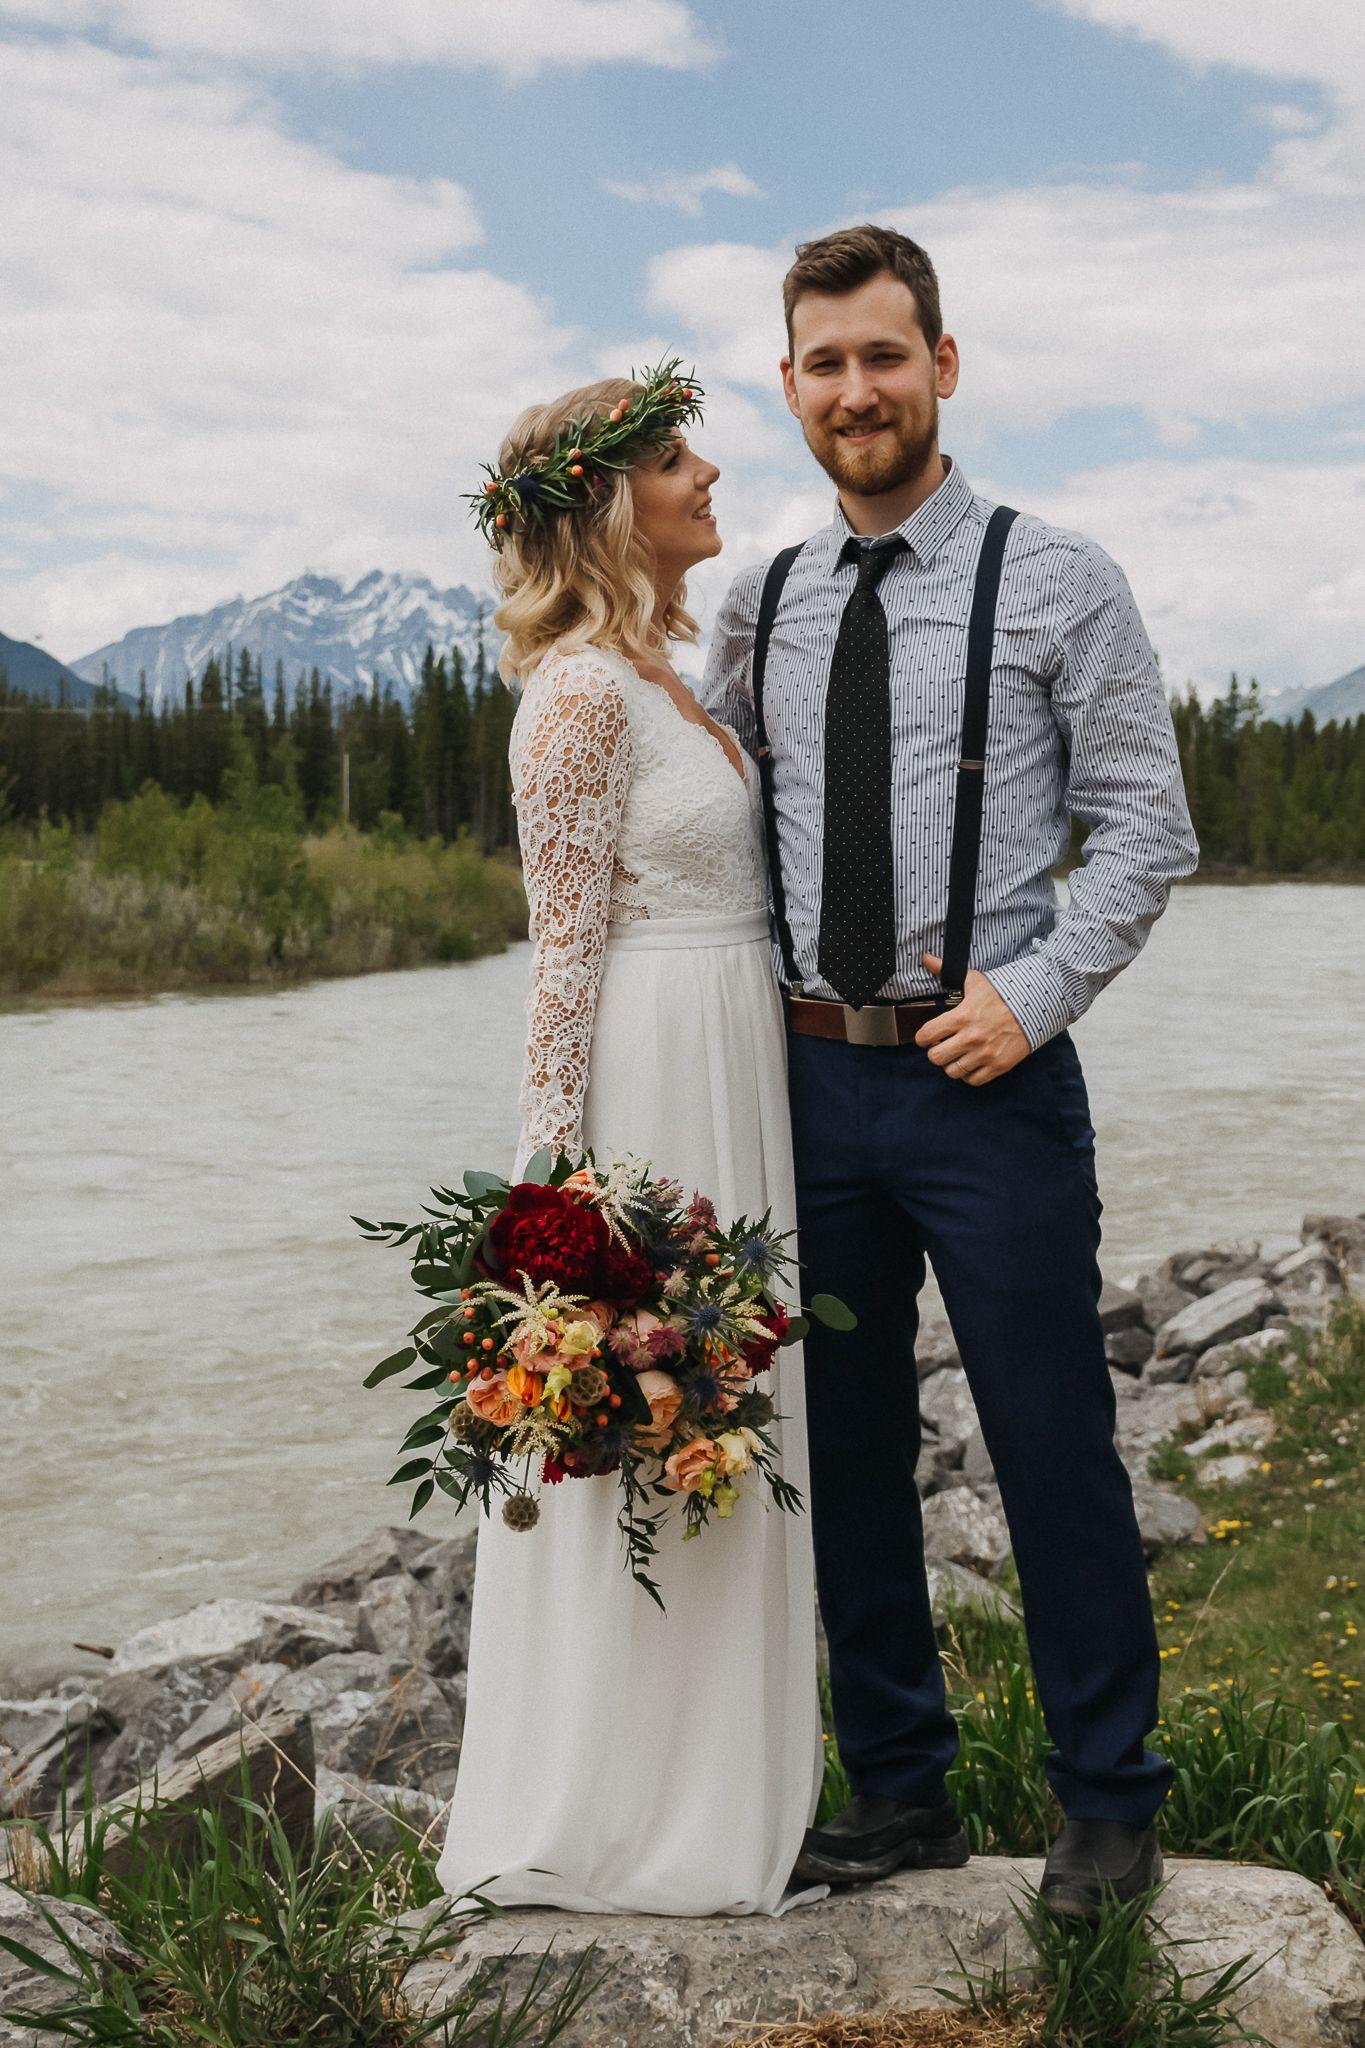 Canmore Elopement // Marissa & Tyson in 2020 Wedding men